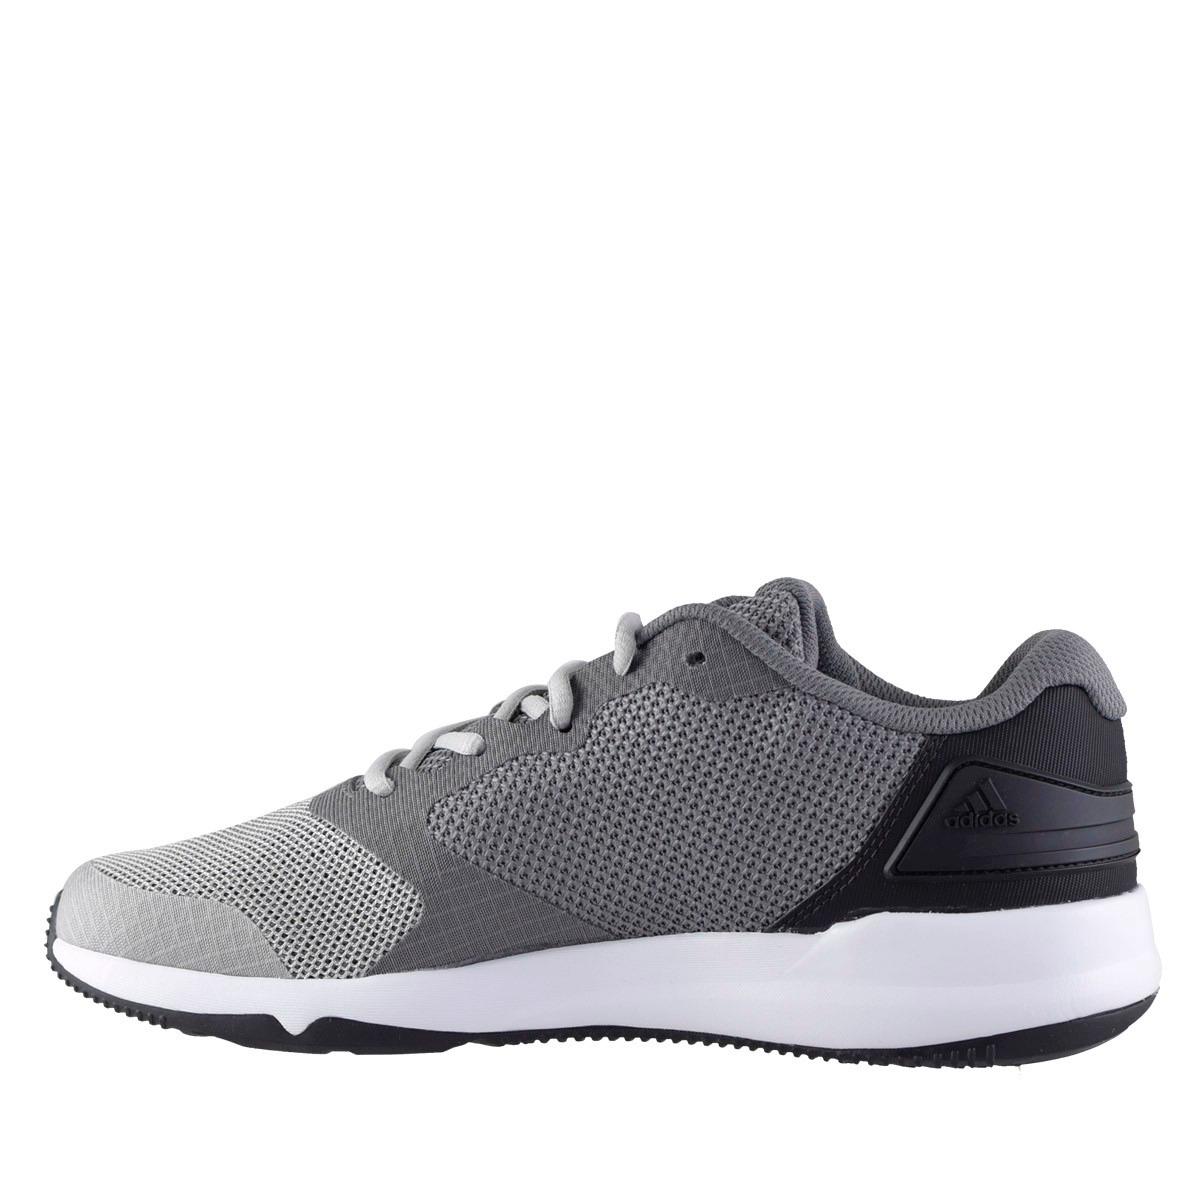 Zapatillas adidas Crazytrain 2.0 Cloudfoam Hombre Gris